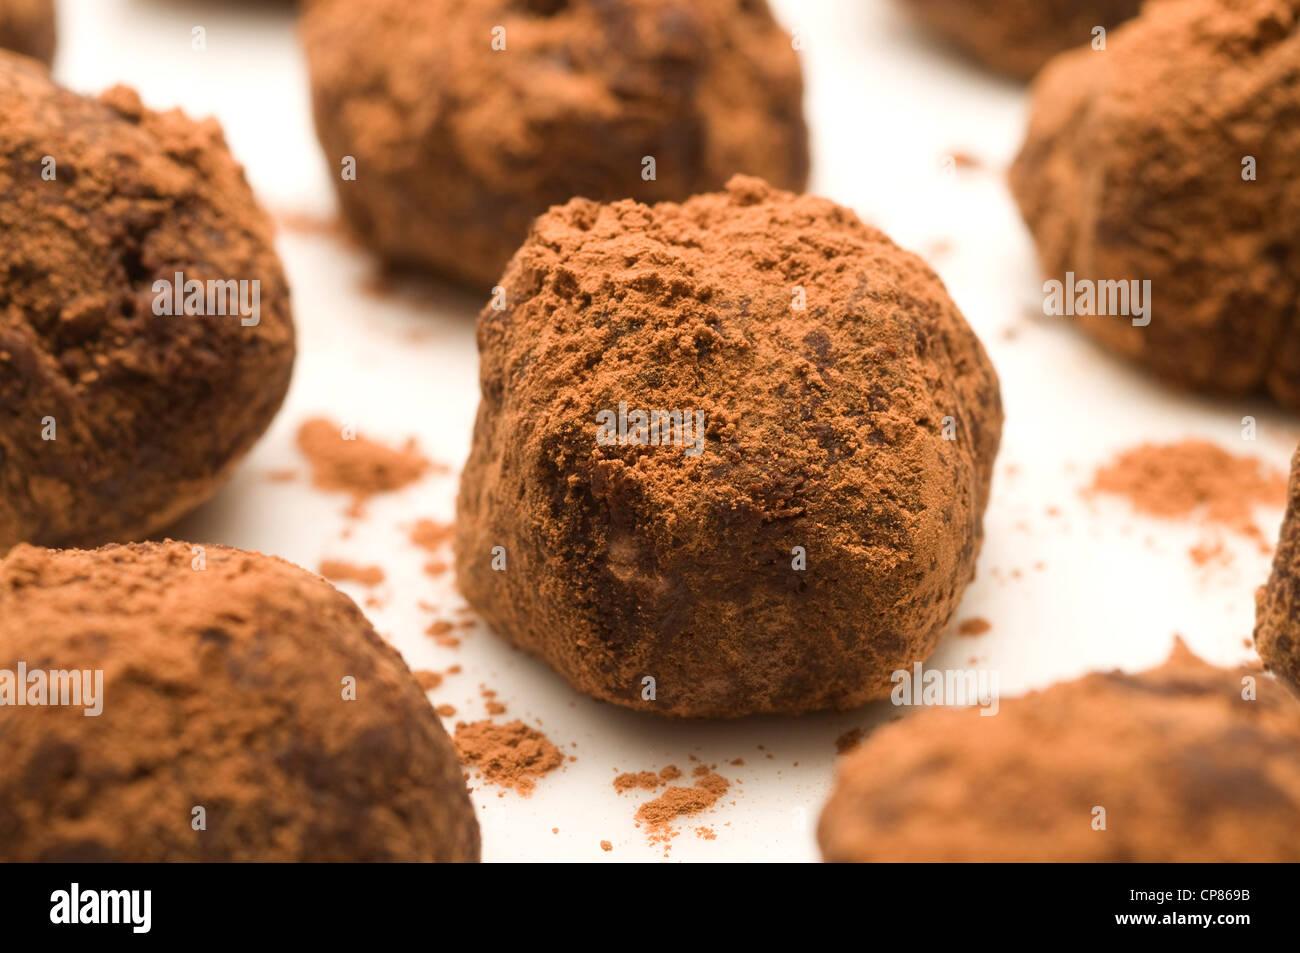 Chocolat artisanal de truffes dans le cacao en poudre Photo Stock